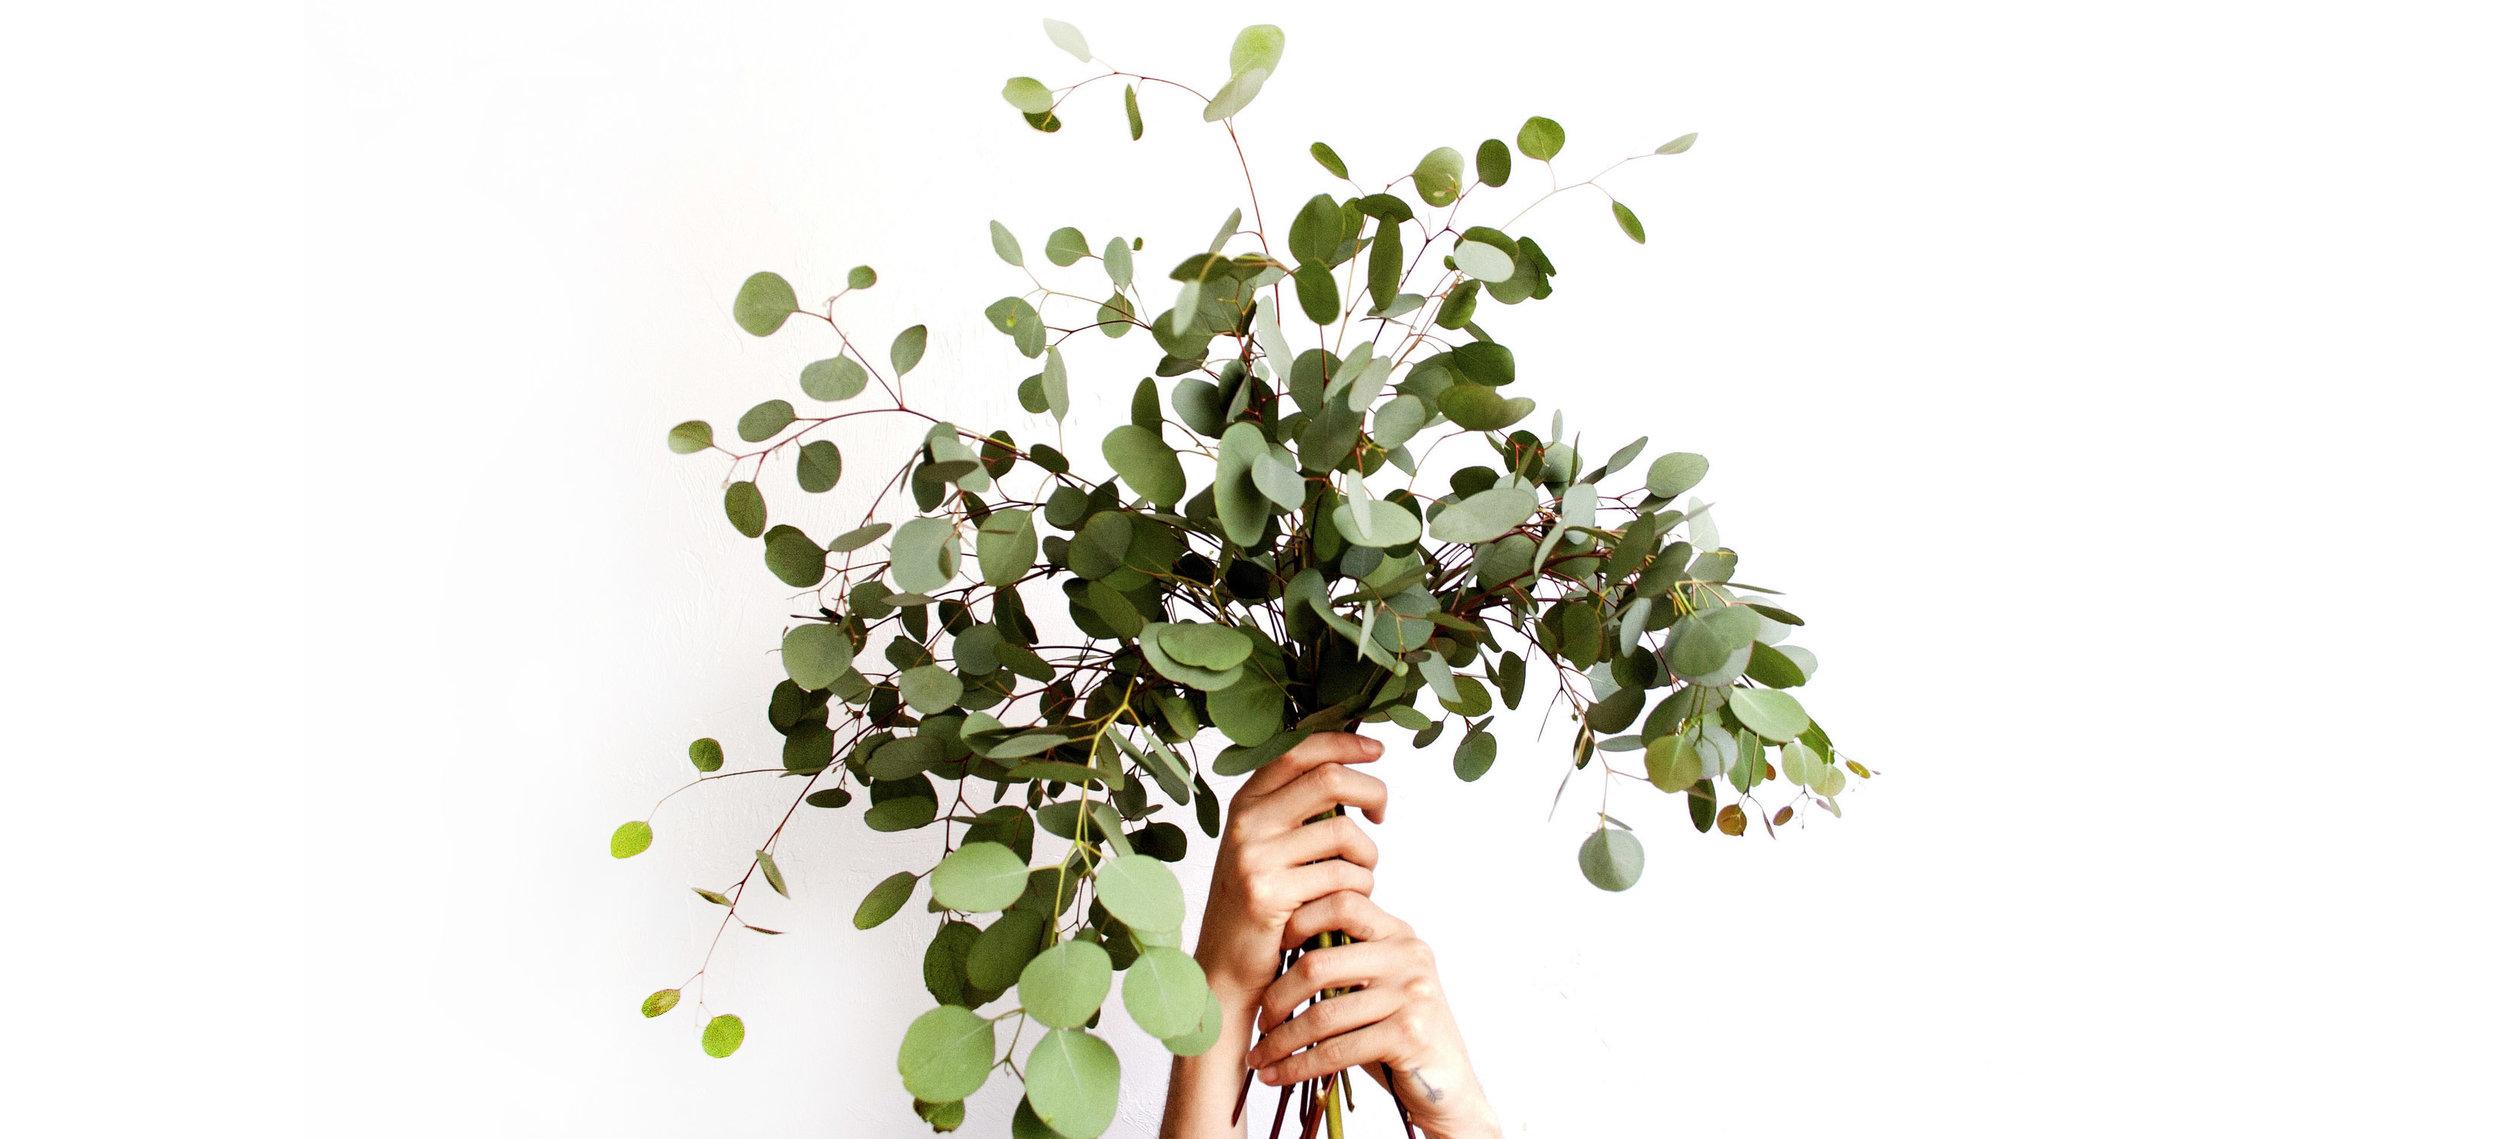 cultivate1.jpg